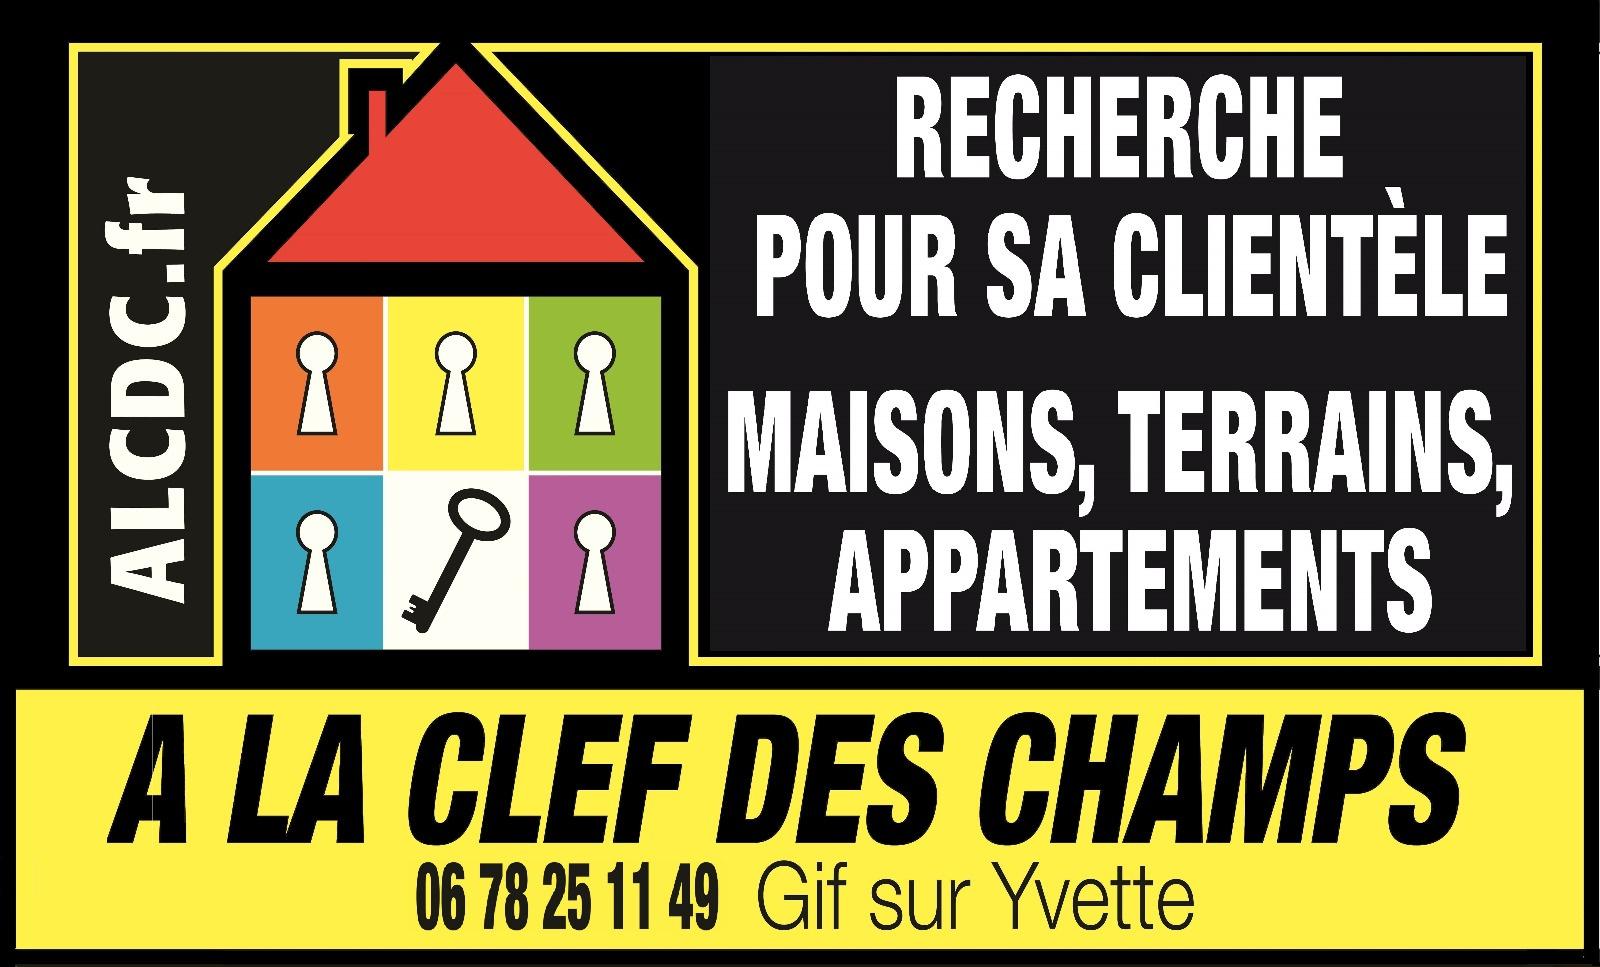 GIF SUR YVETTE MAISON NEUVE 190 M² A VENDRE